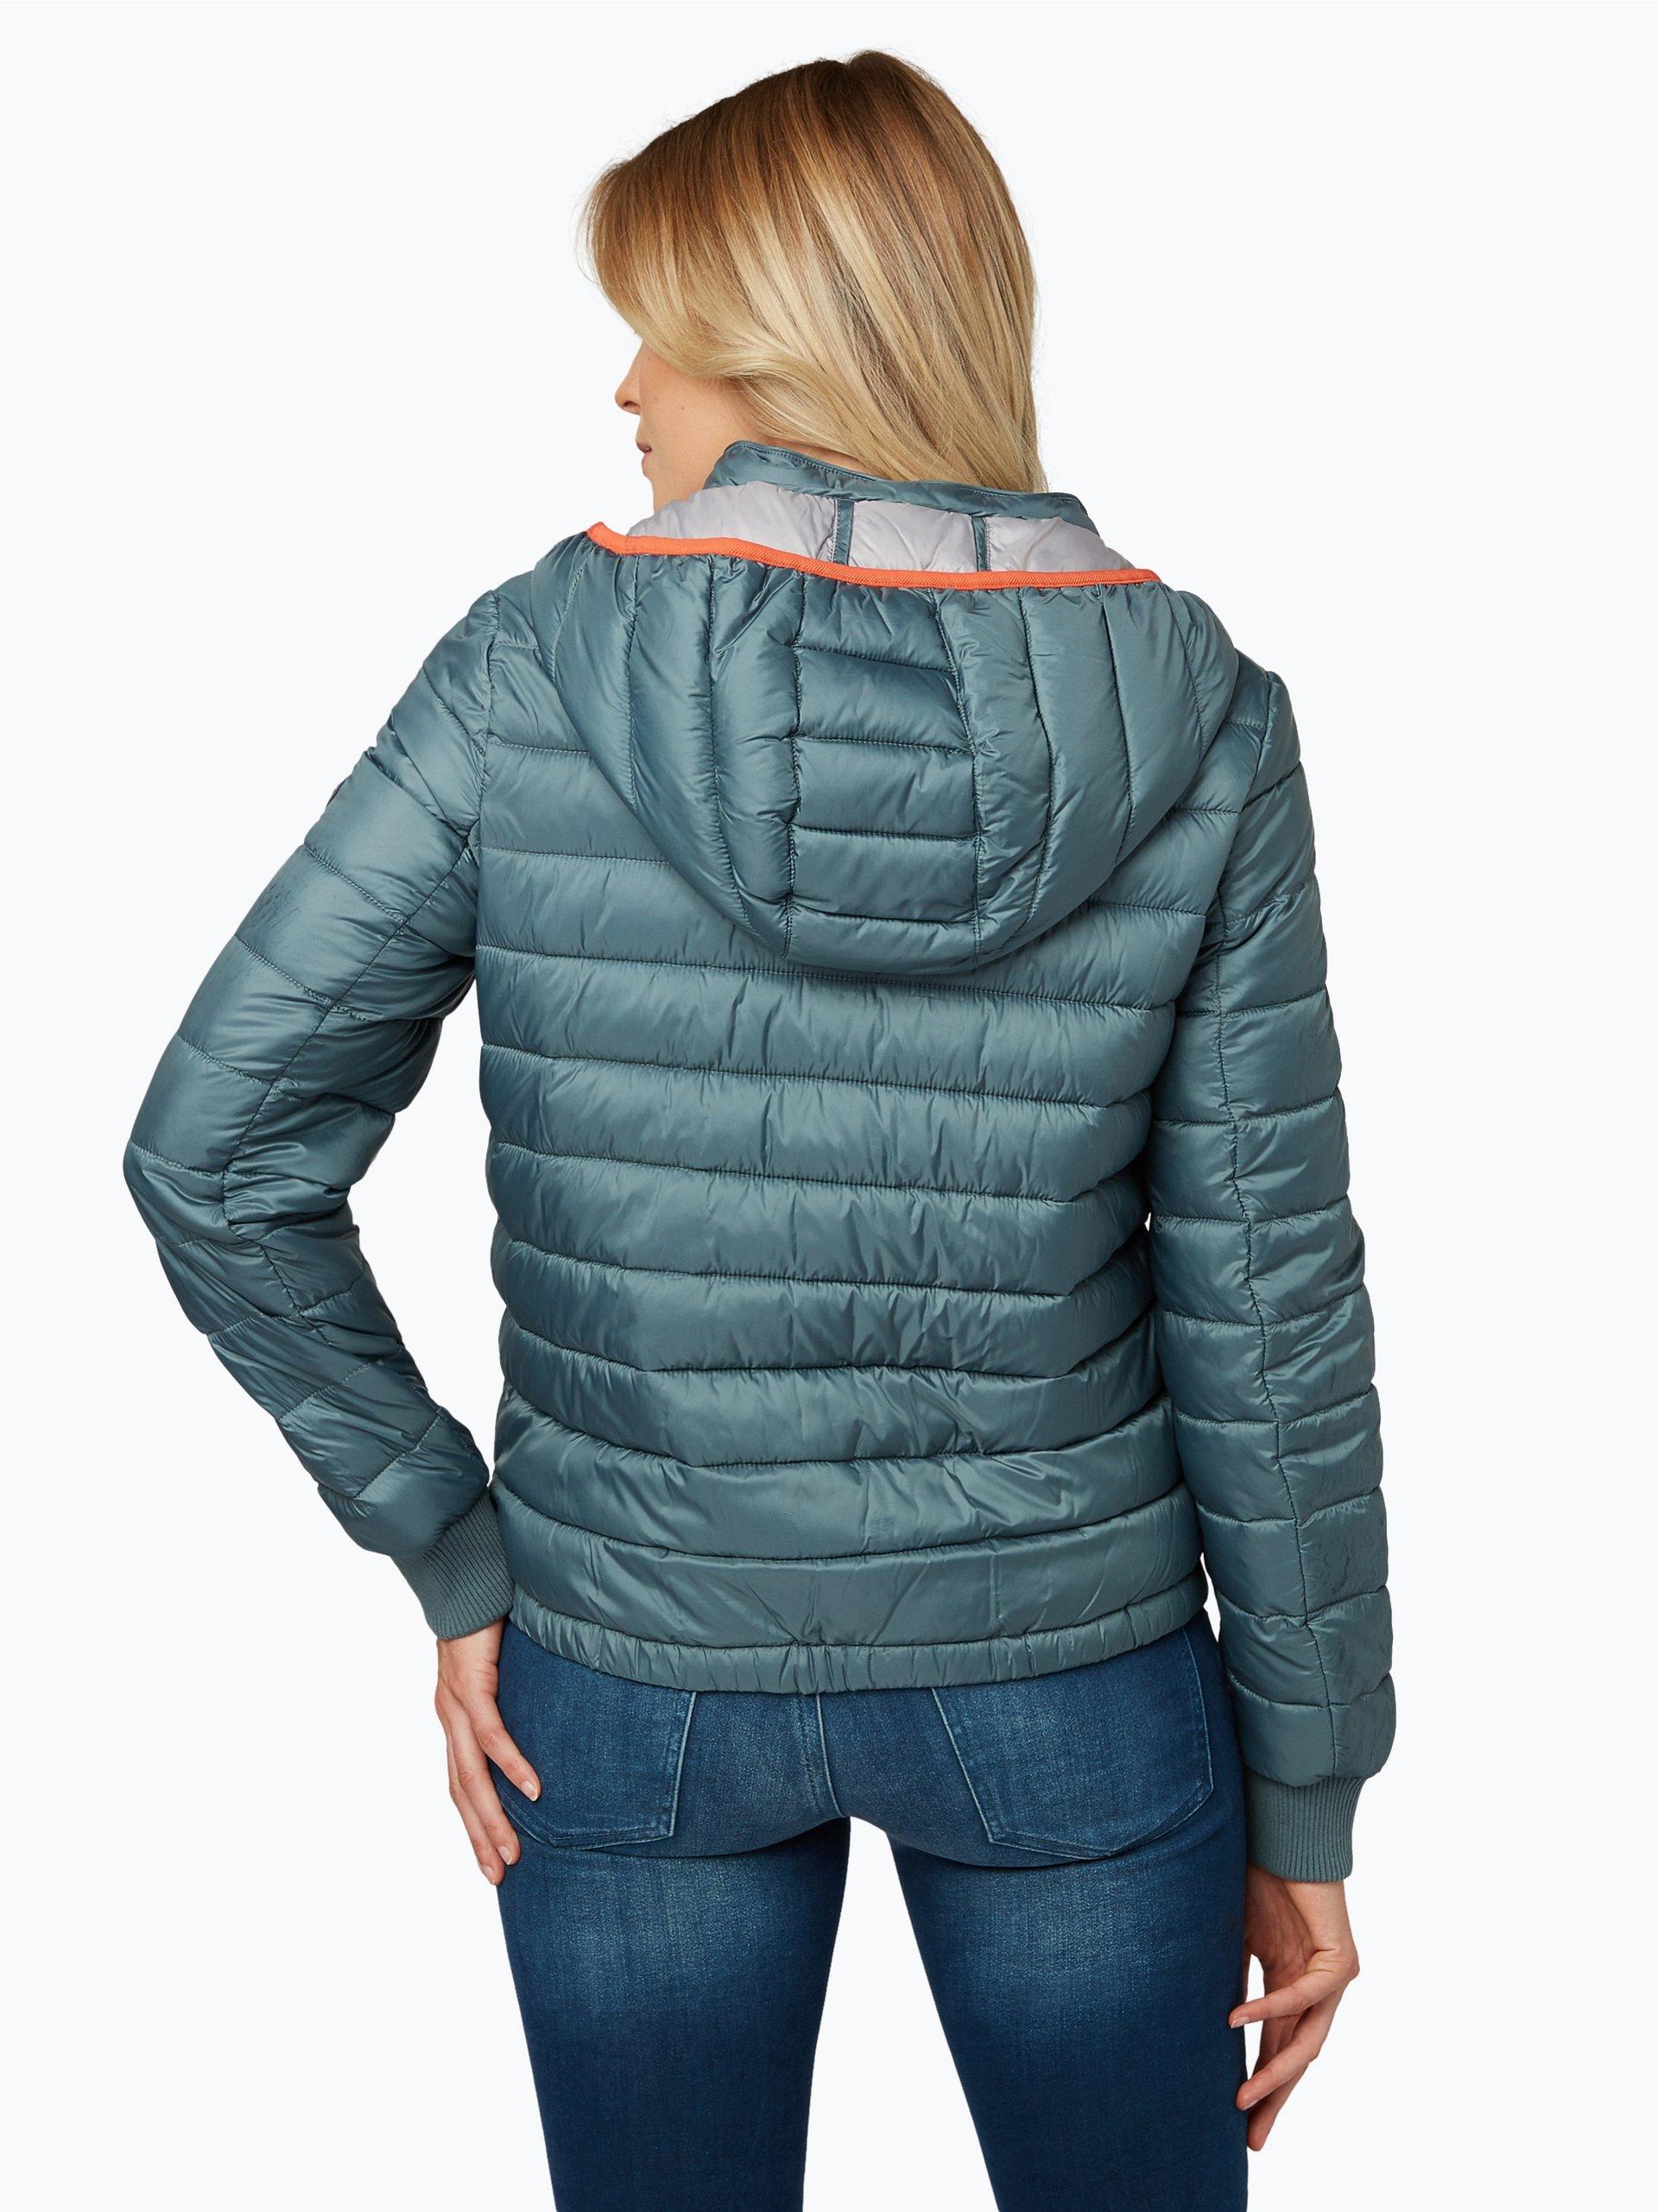 5f03d33d04 Marc O'Polo Damen Steppjacke online kaufen | VANGRAAF.COM